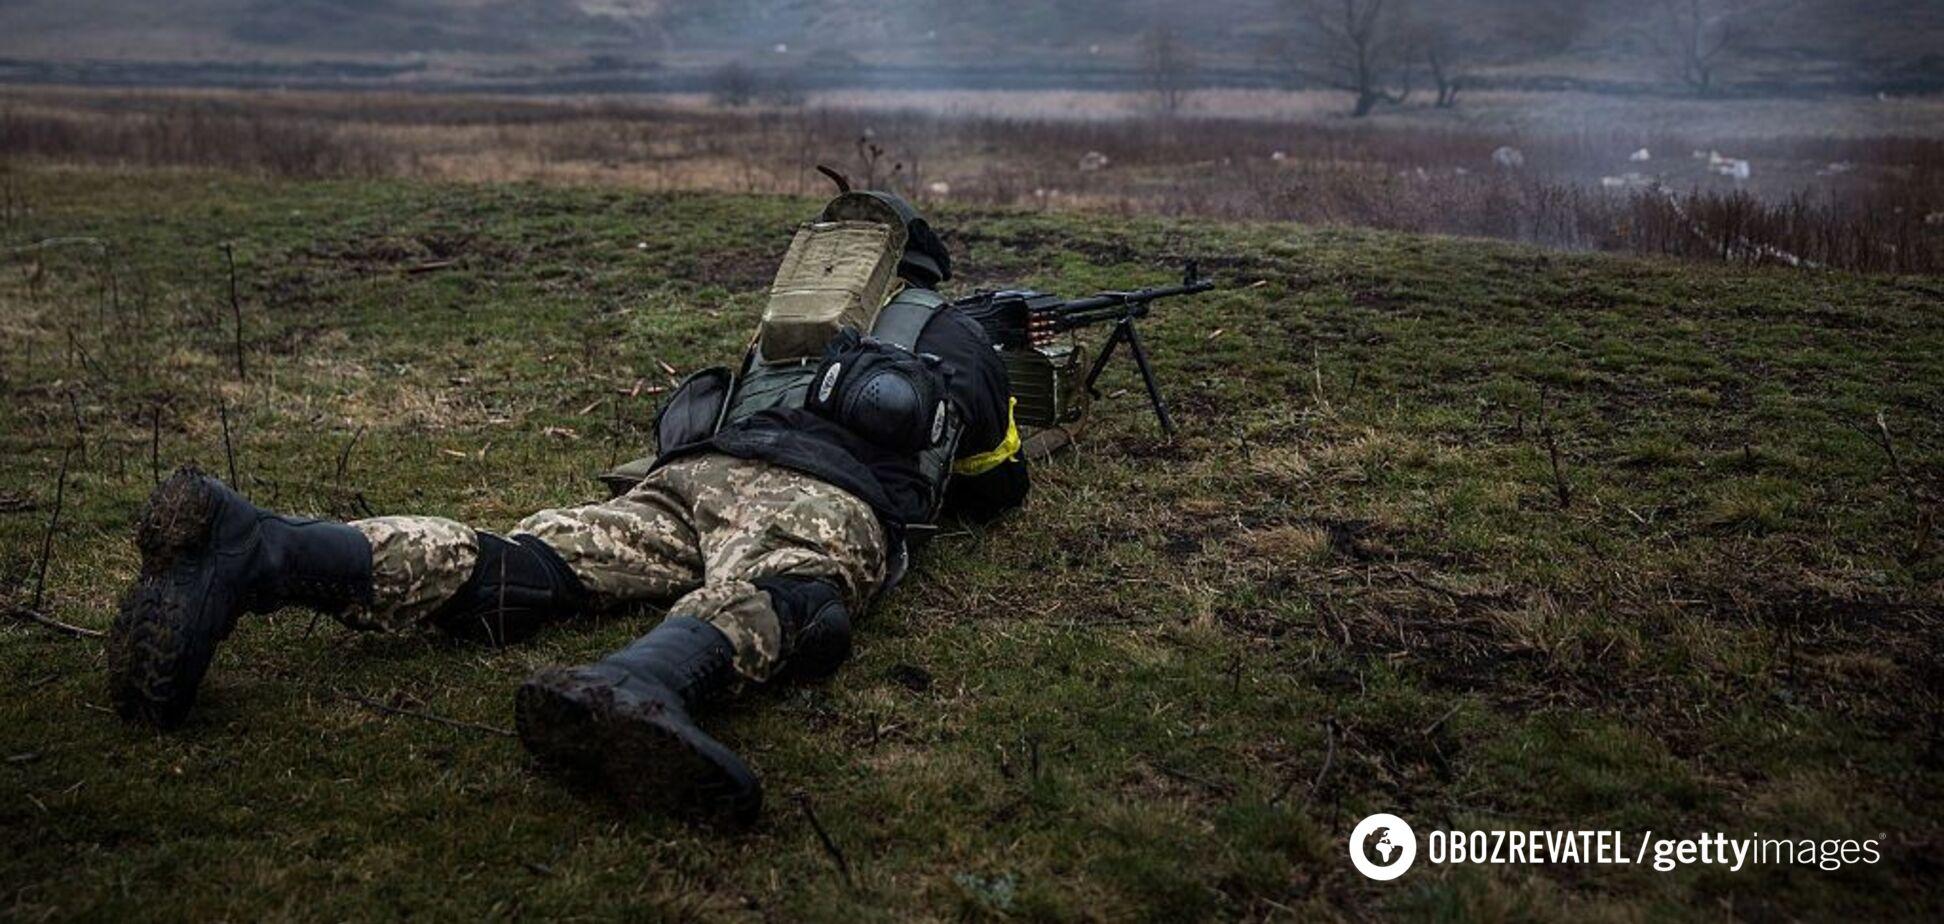 Били з усіх гармат: терористи посилили обстріли позицій ЗСУ на Донбасі